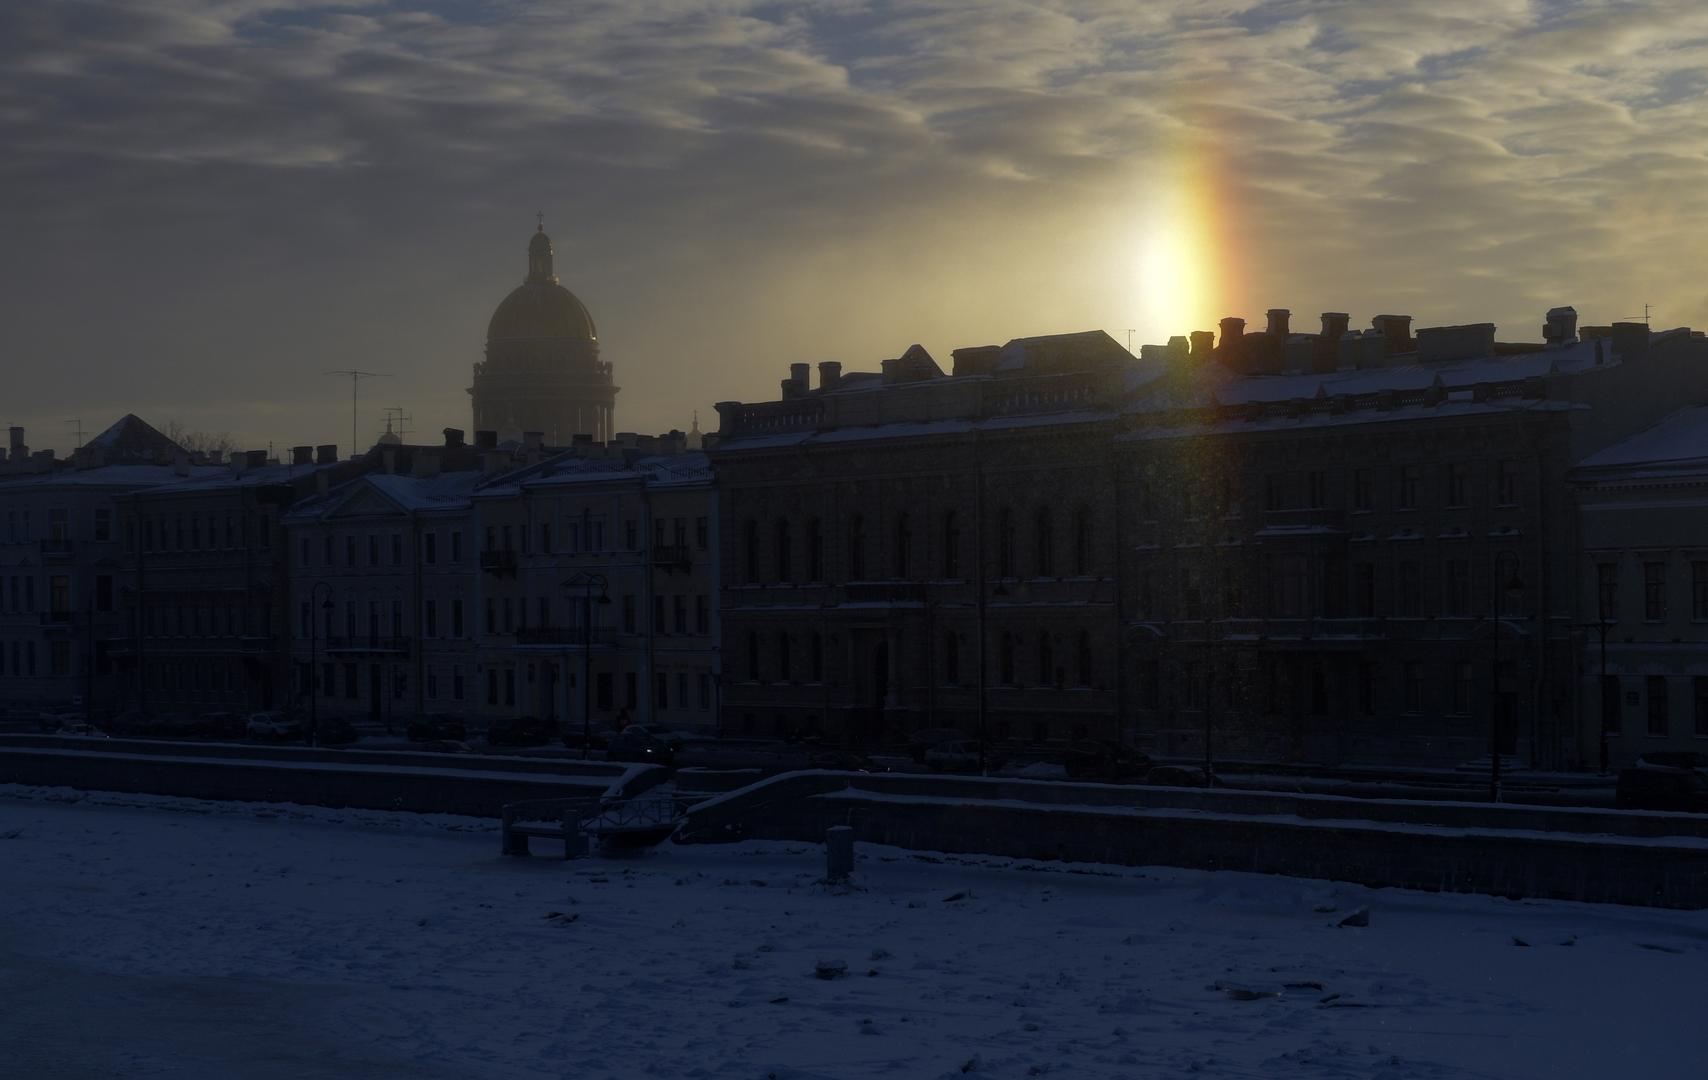 عالم مناخ روسي في تصريح لافت حول نذر تمدد الصيف وتقلص الشتاء